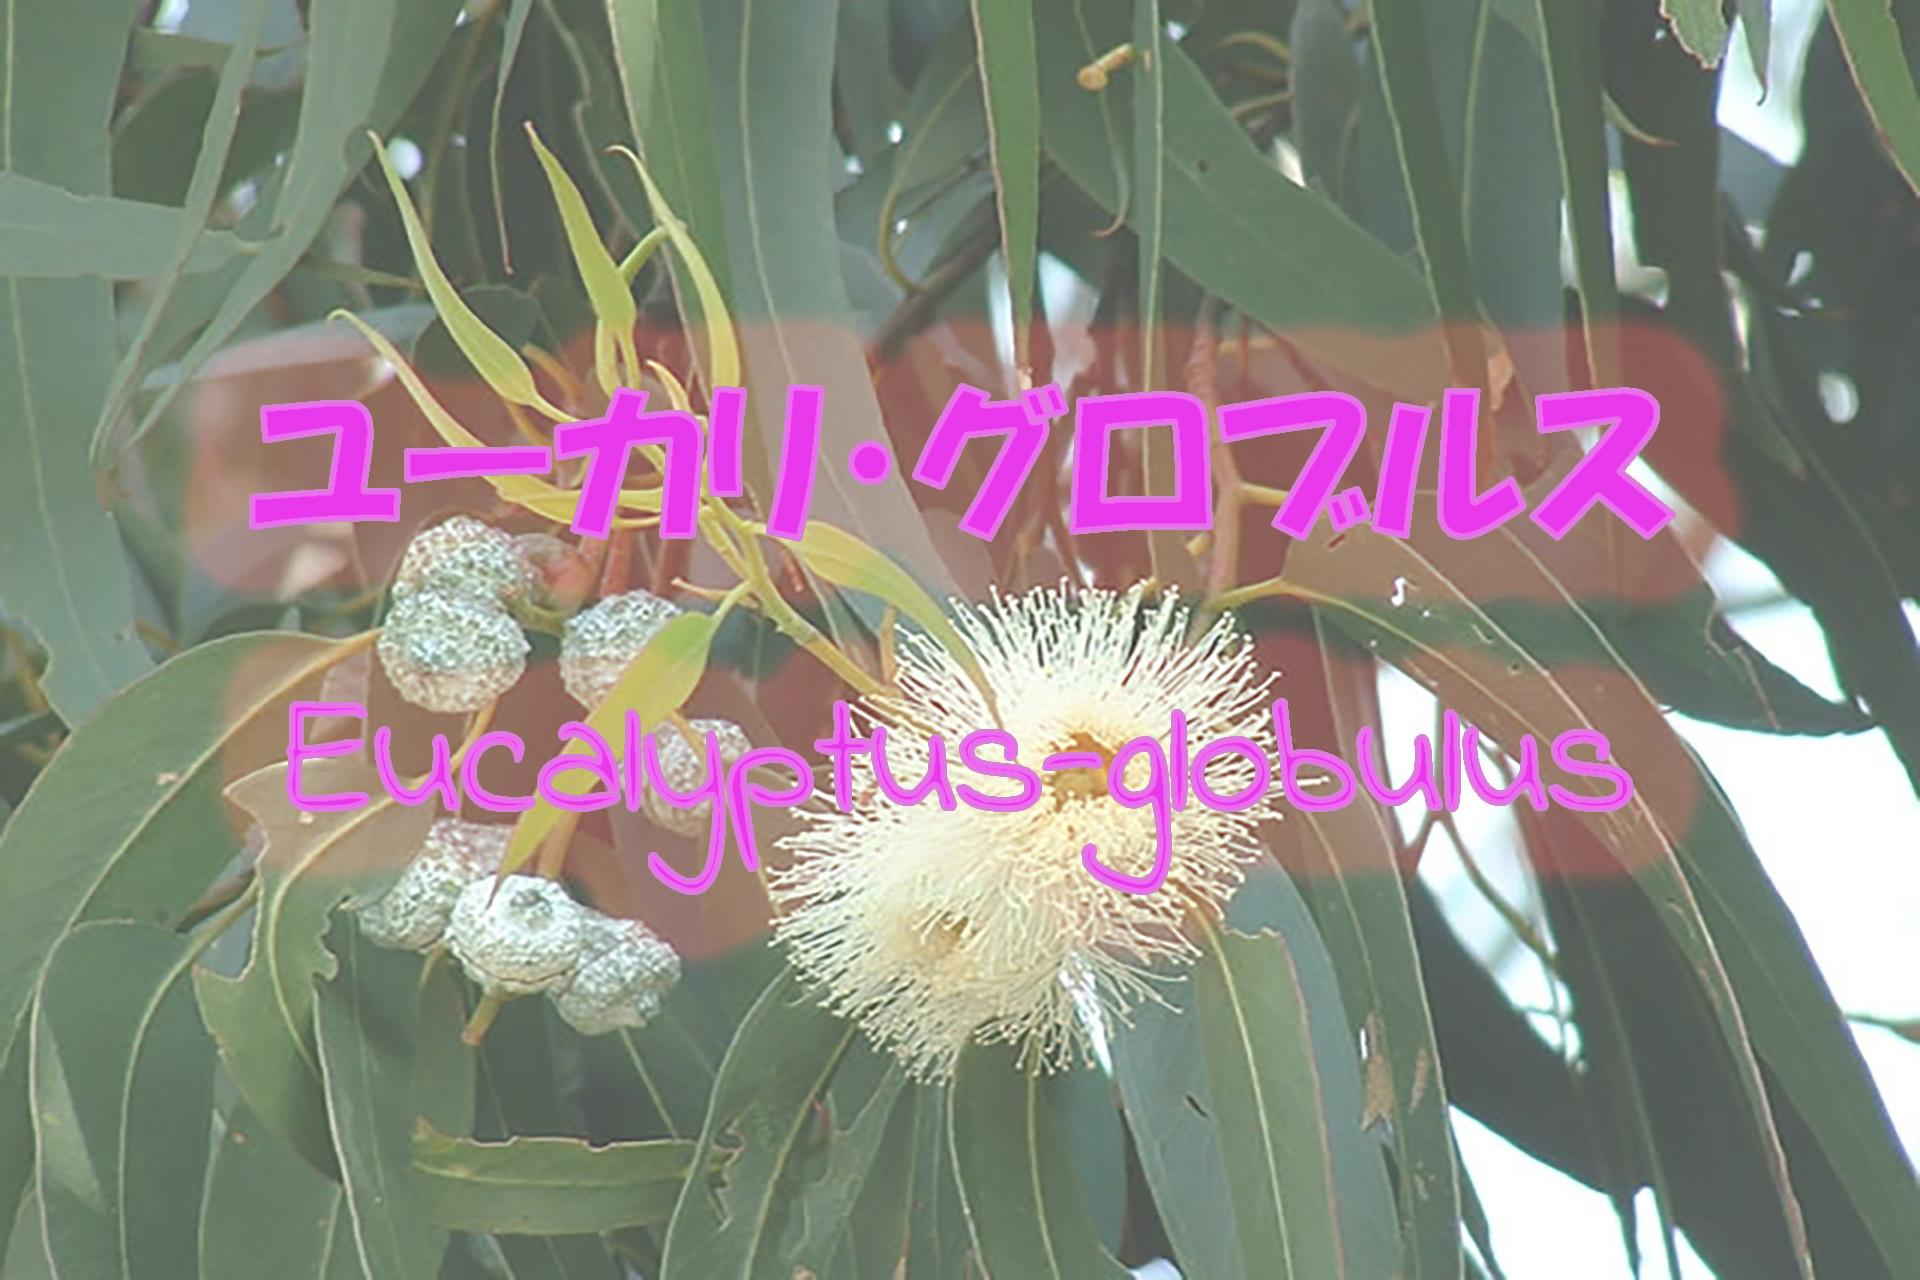 eucalyptus-globulus_191117